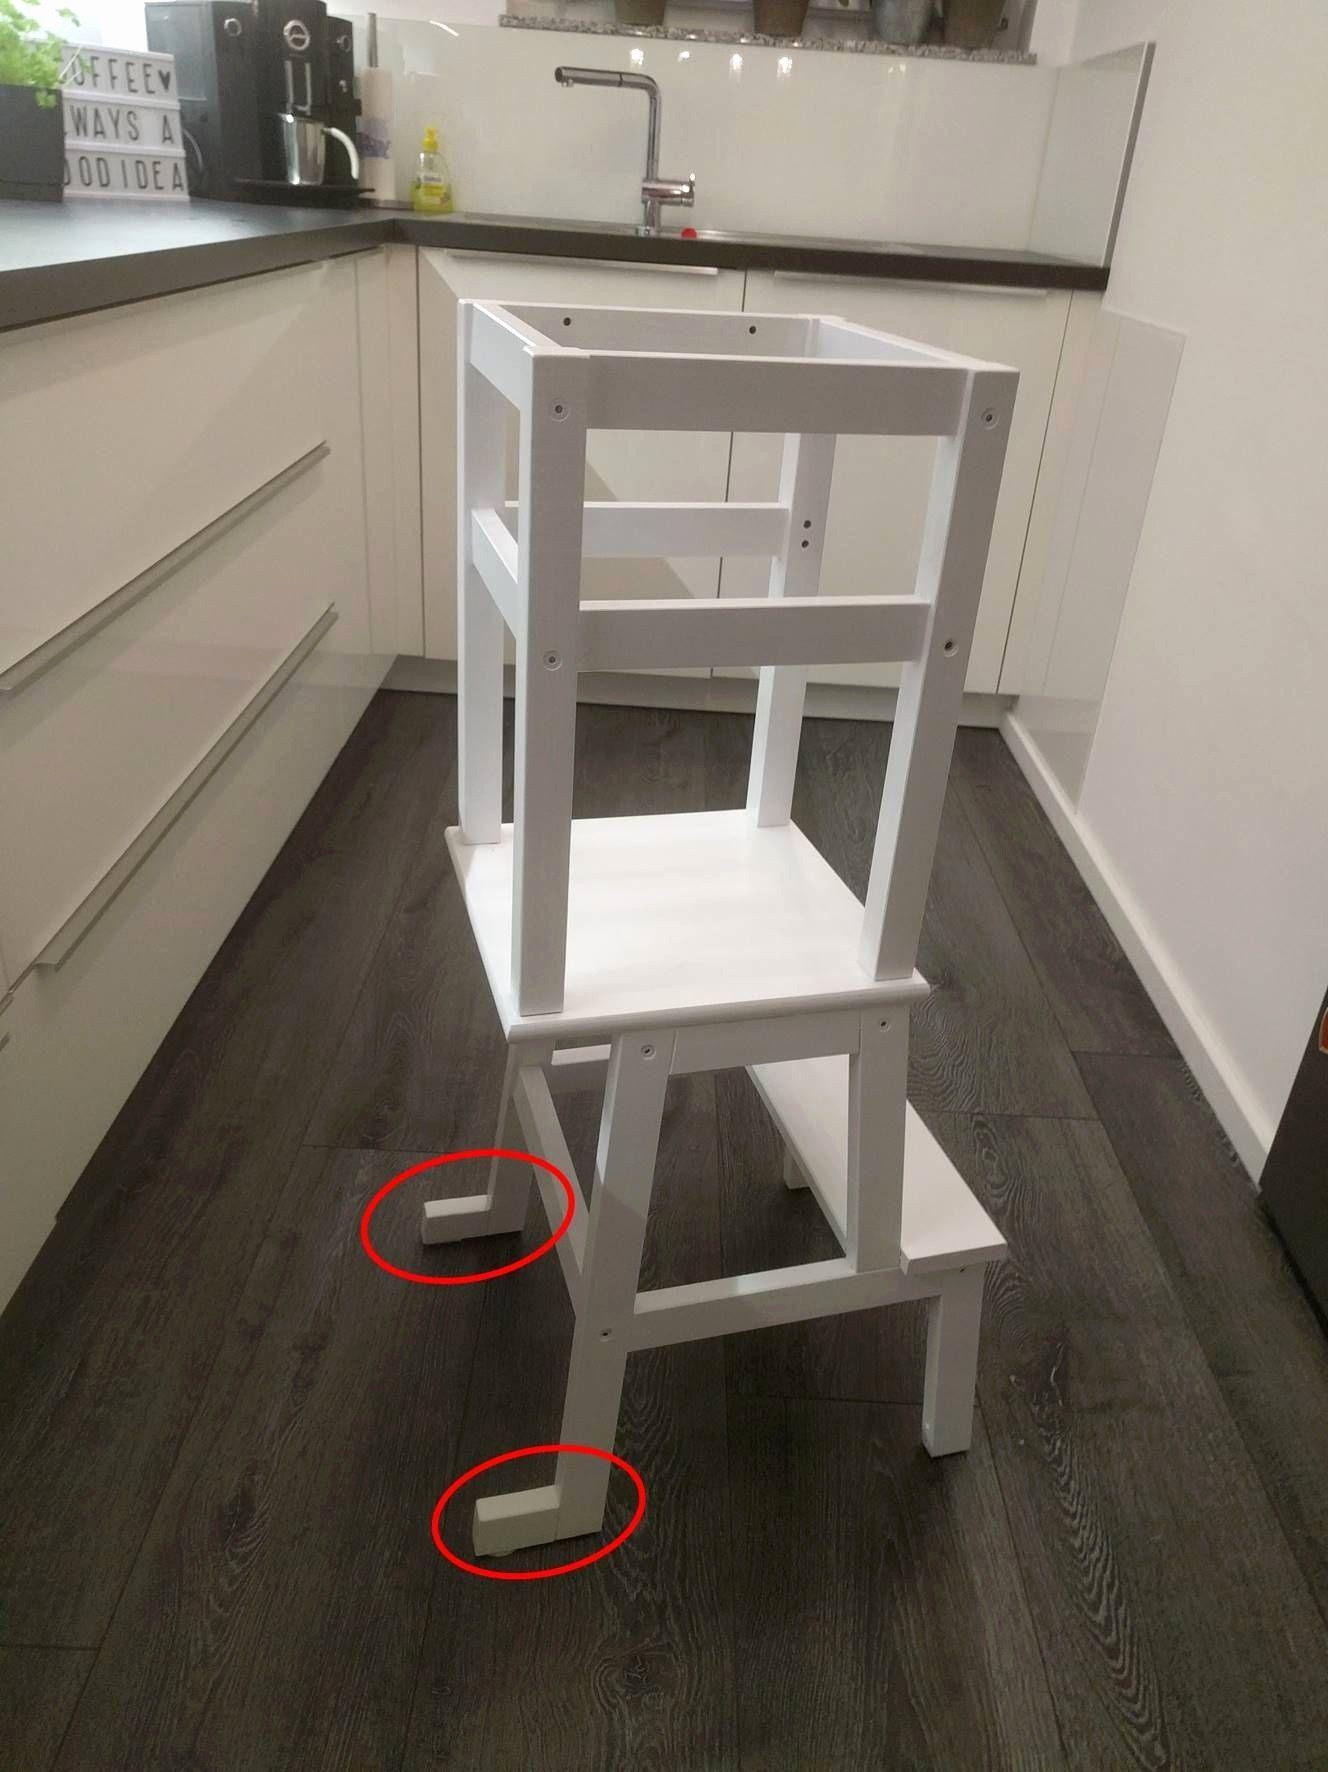 Lit Pliable Ikea Douce Glamour Ikea Lit Armoire Escamotable Dans Ikea Lit Armoire